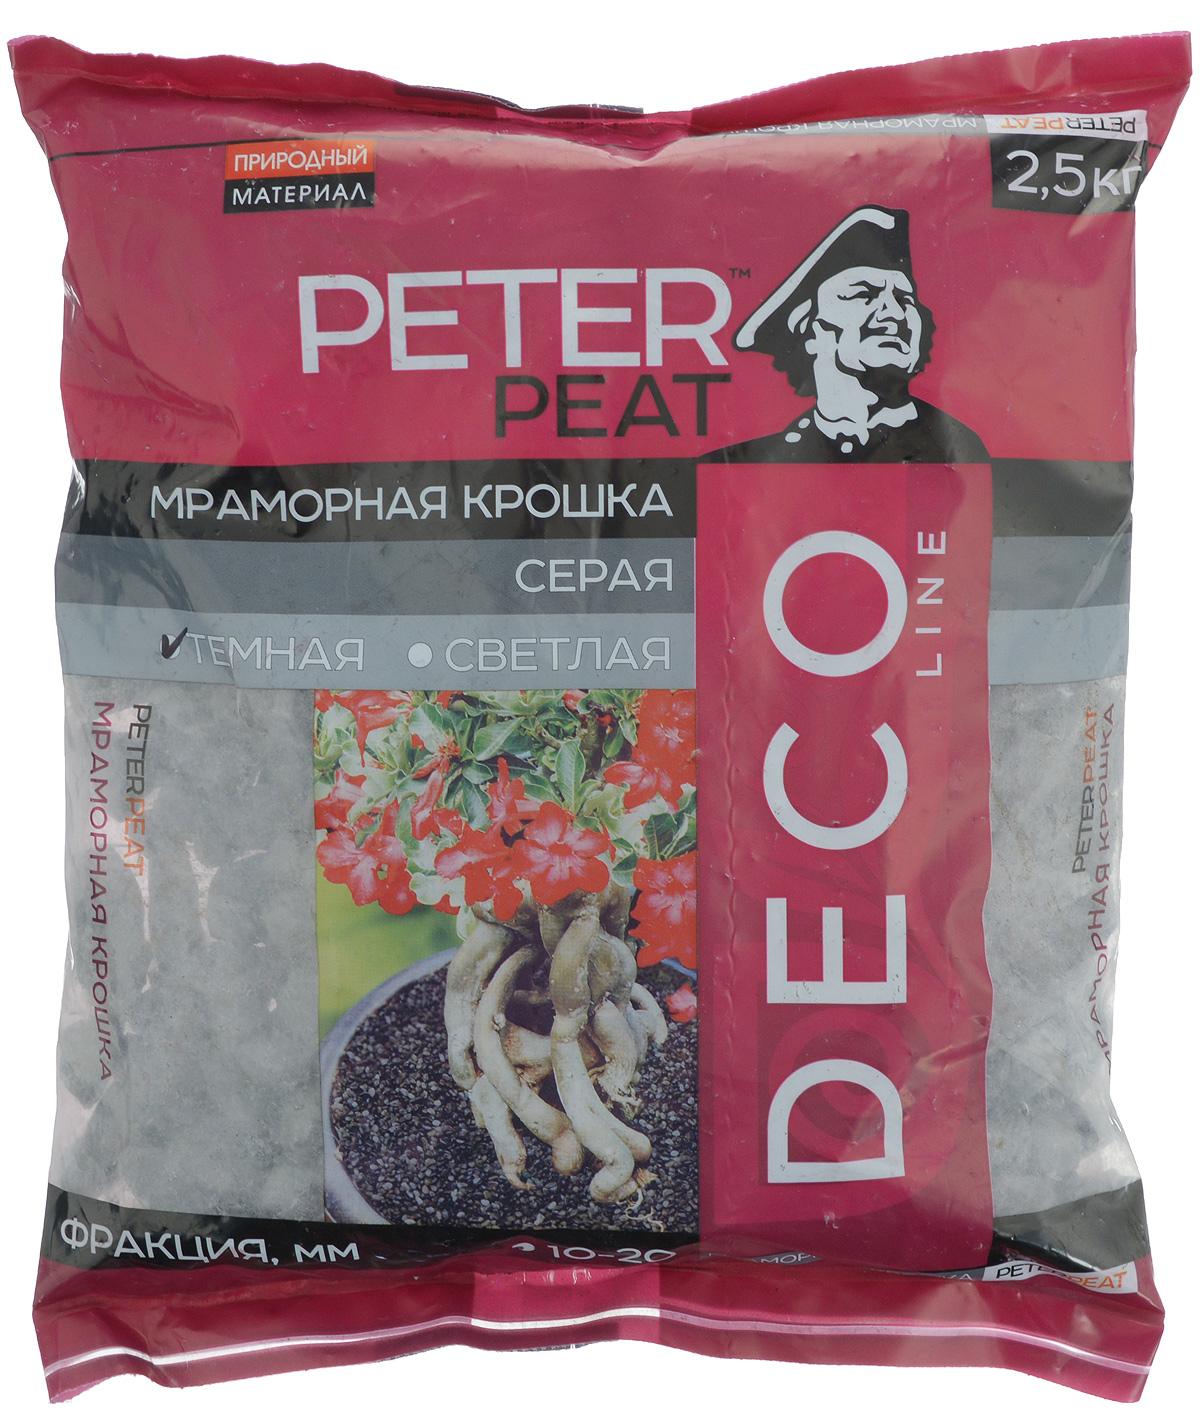 Мраморная крошка Peter Peat, крупная, цвет: темно-серый, 2,5 кг крошка мраморная окрашенная красная фракция 5 10 мм 10 кг